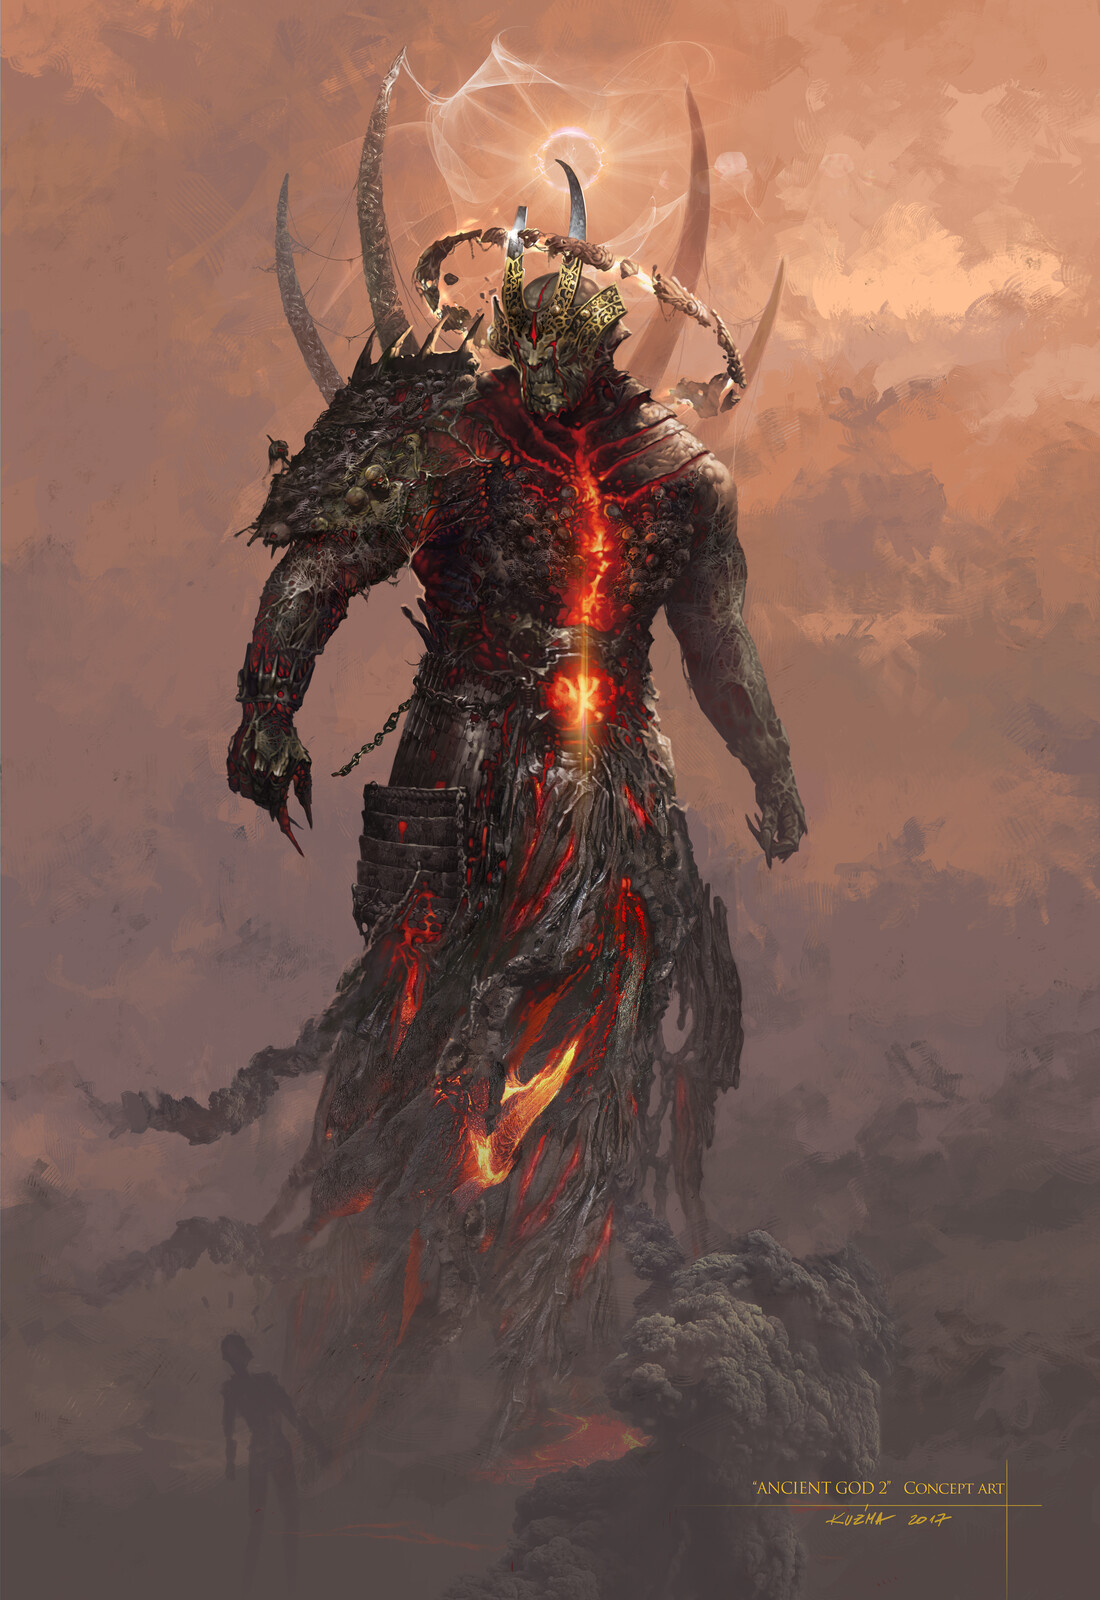 Ancient god 2